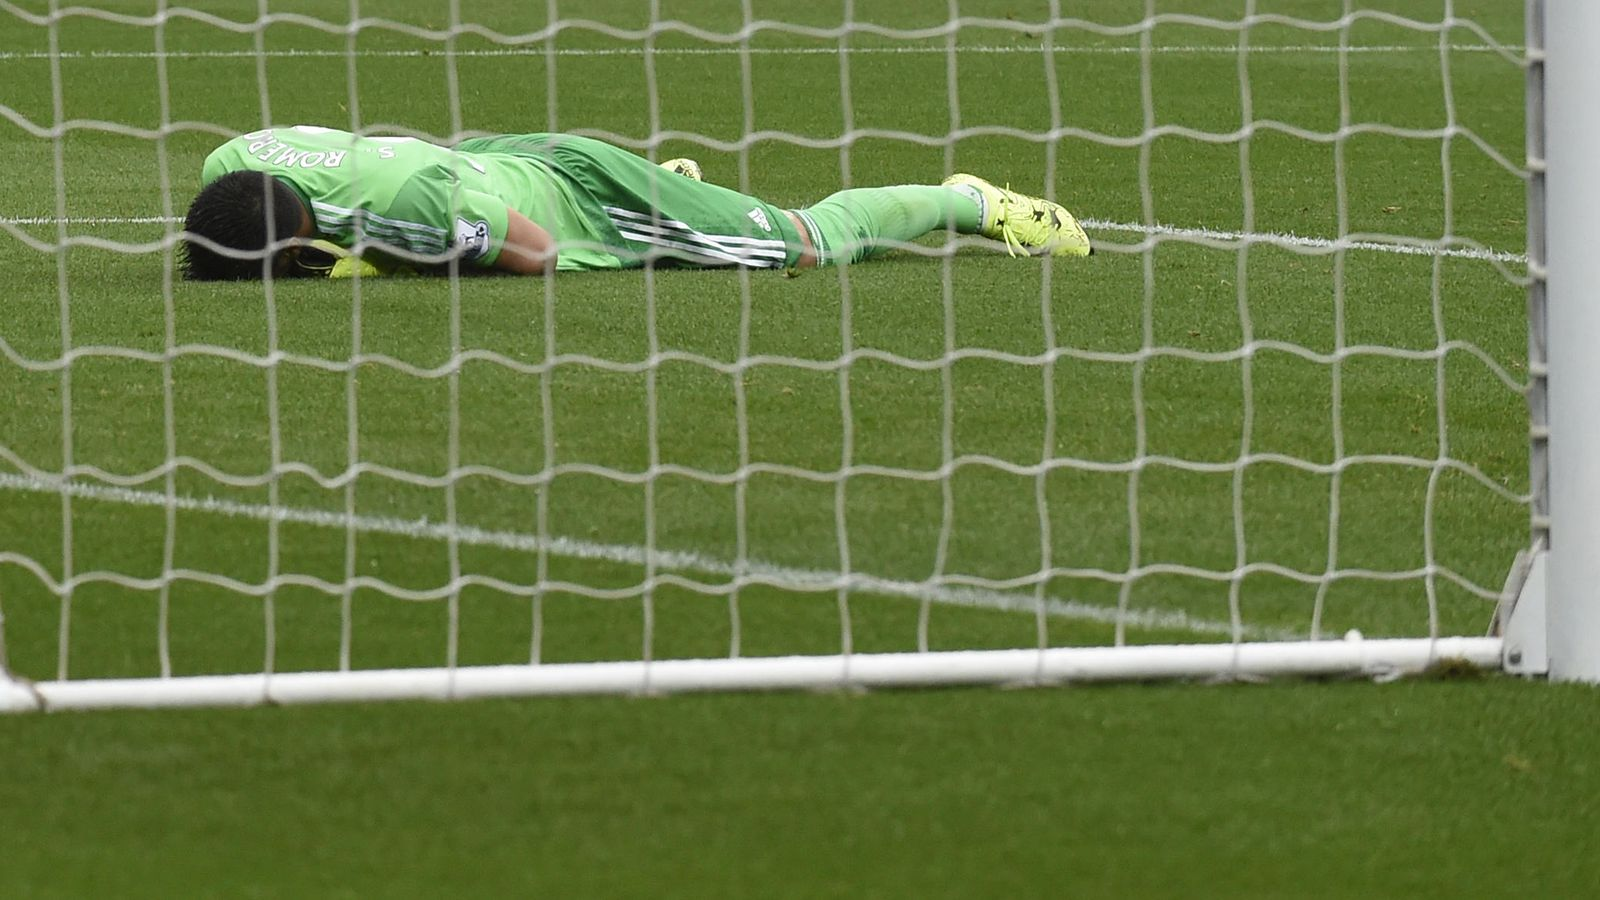 Foto: Sergio Romero no tuvo una buena actuación y fue determinante en la derrota del United (Reuters)